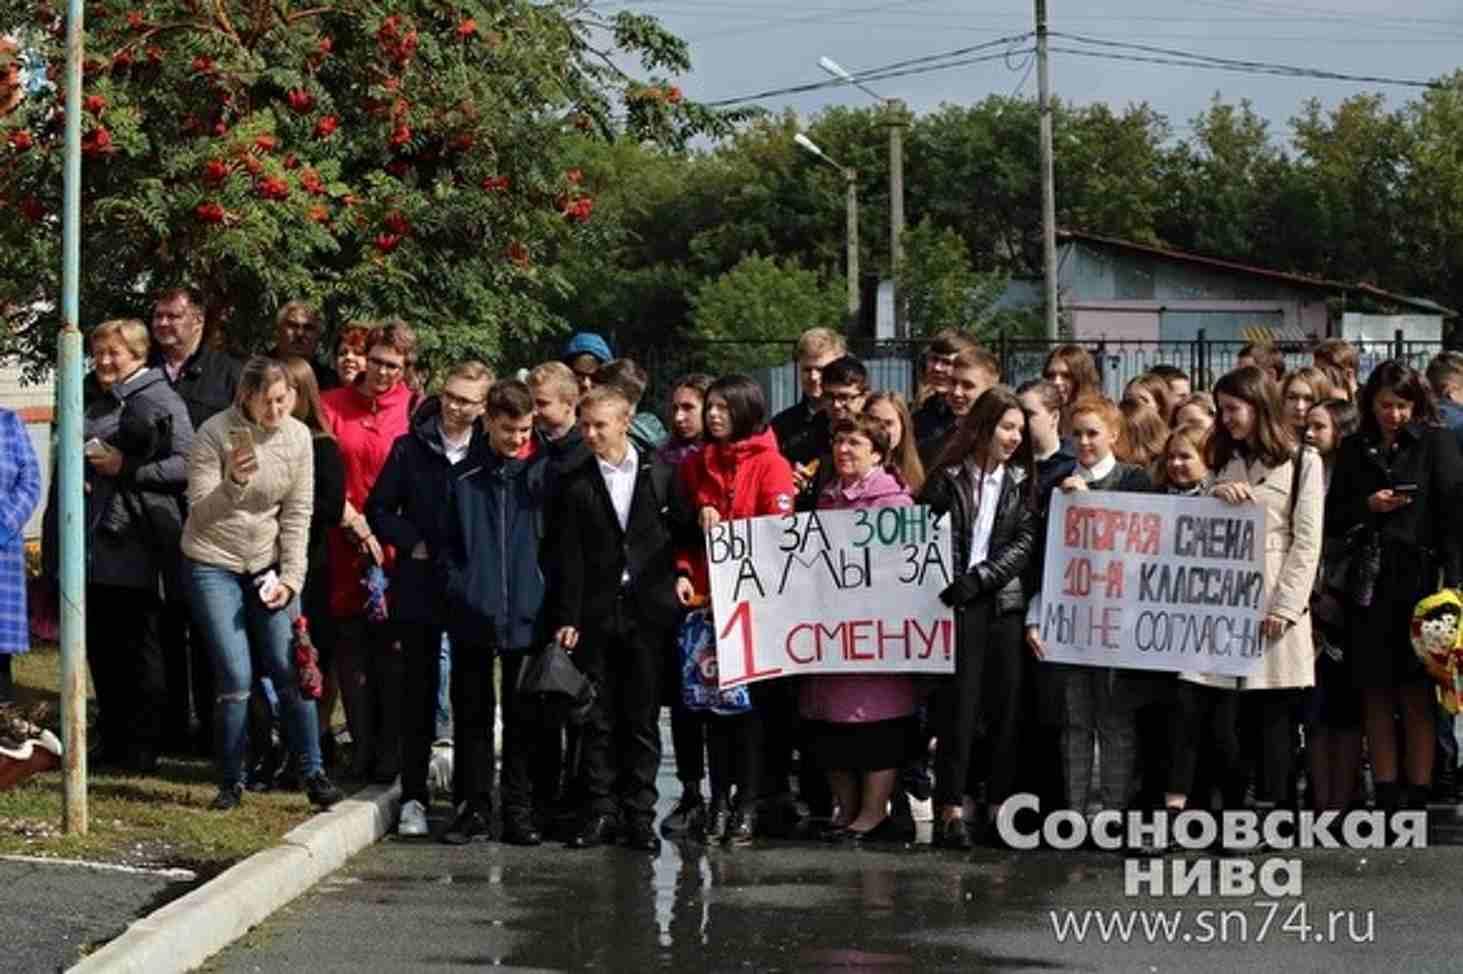 v-chelyabinskoj-oblasti-shkolniki-vyshli-na-piket-protiv-vtoroj-smeny